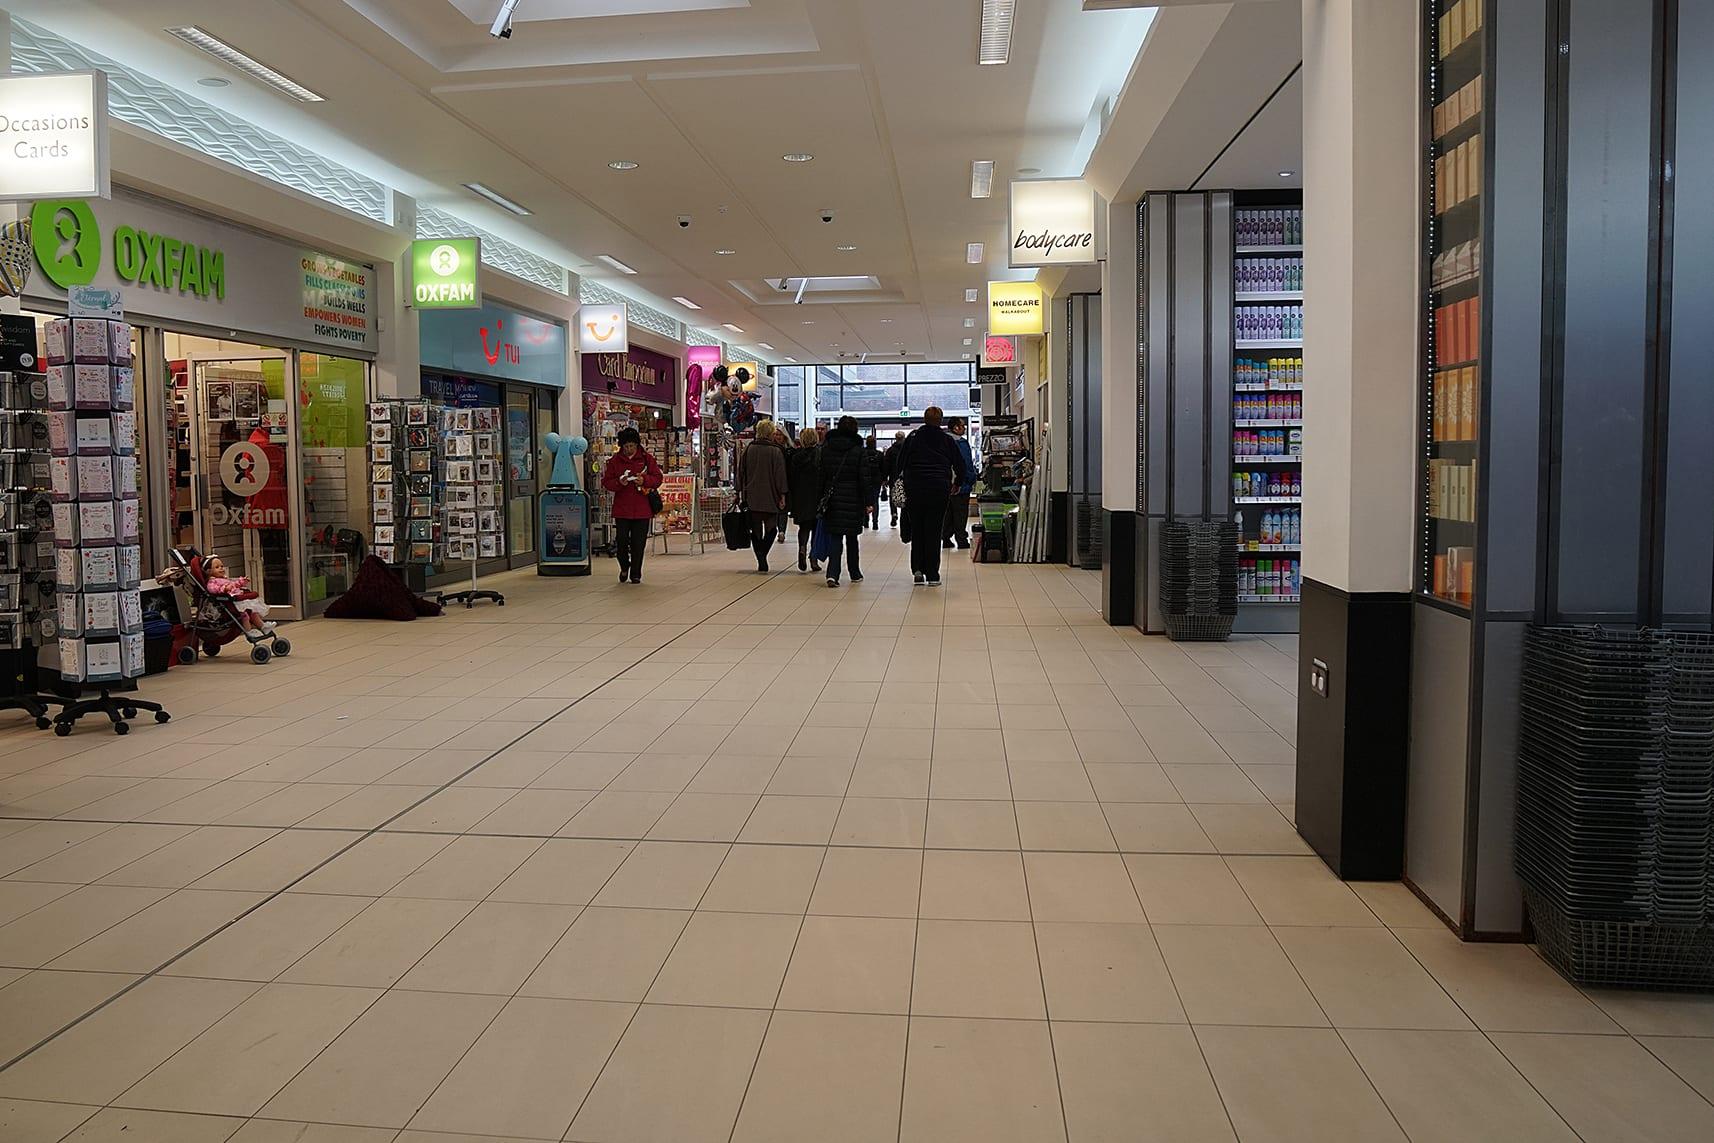 Teanlowe Centre in Poulton town centre